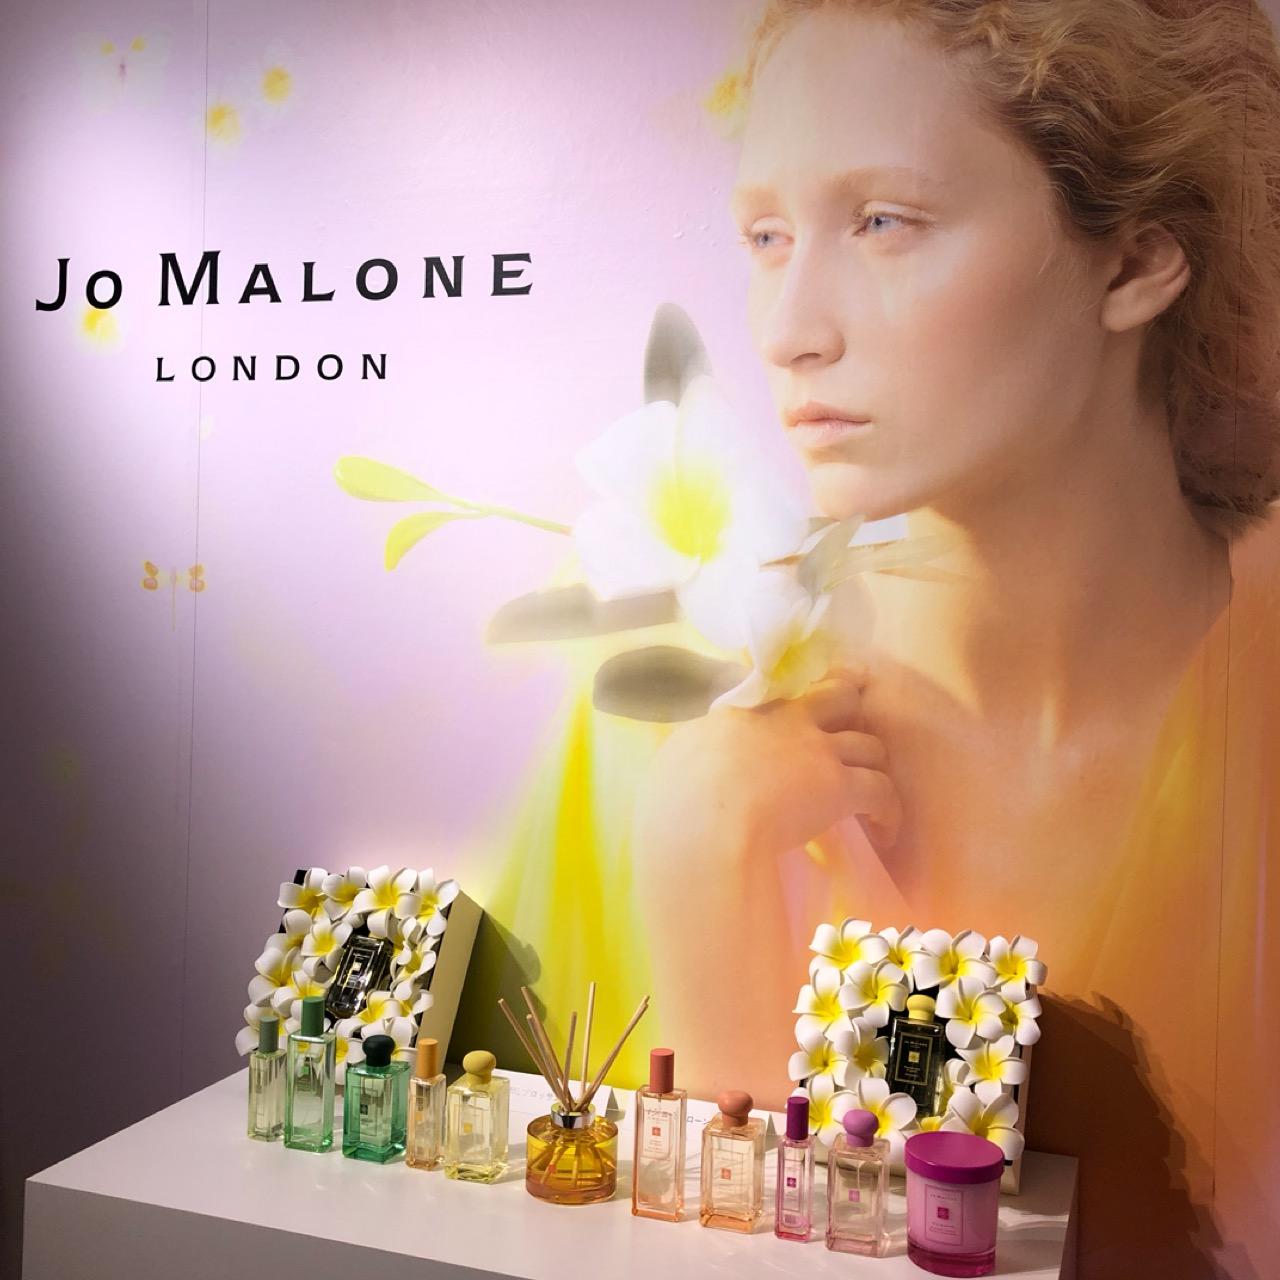 """花薫る新作!JO MALONE LONDONの""""ブロッサムズ""""シリーズの新作発売記念ポップアップイベントへ行ってきました♡_3"""